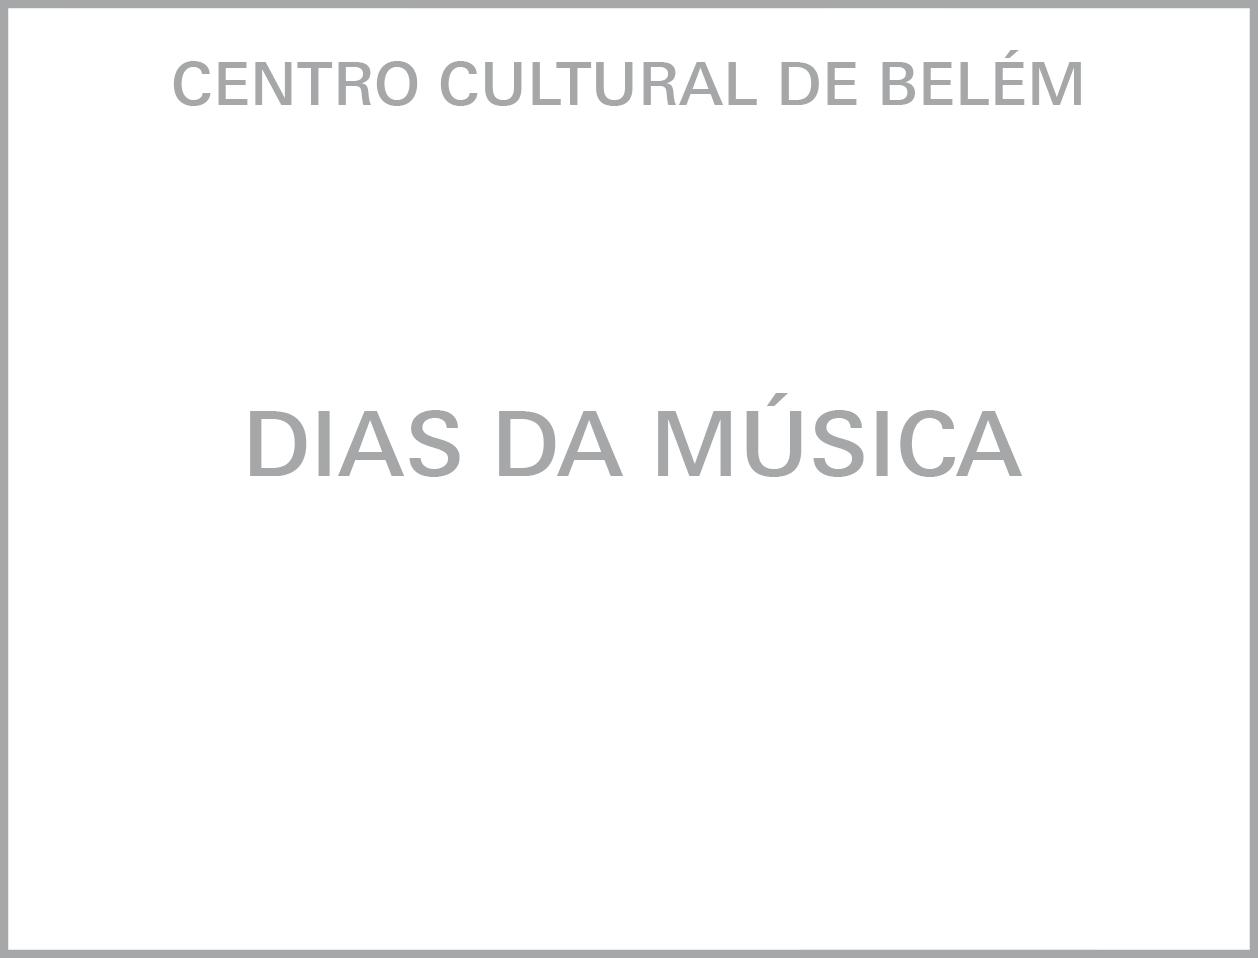 Dias da Música